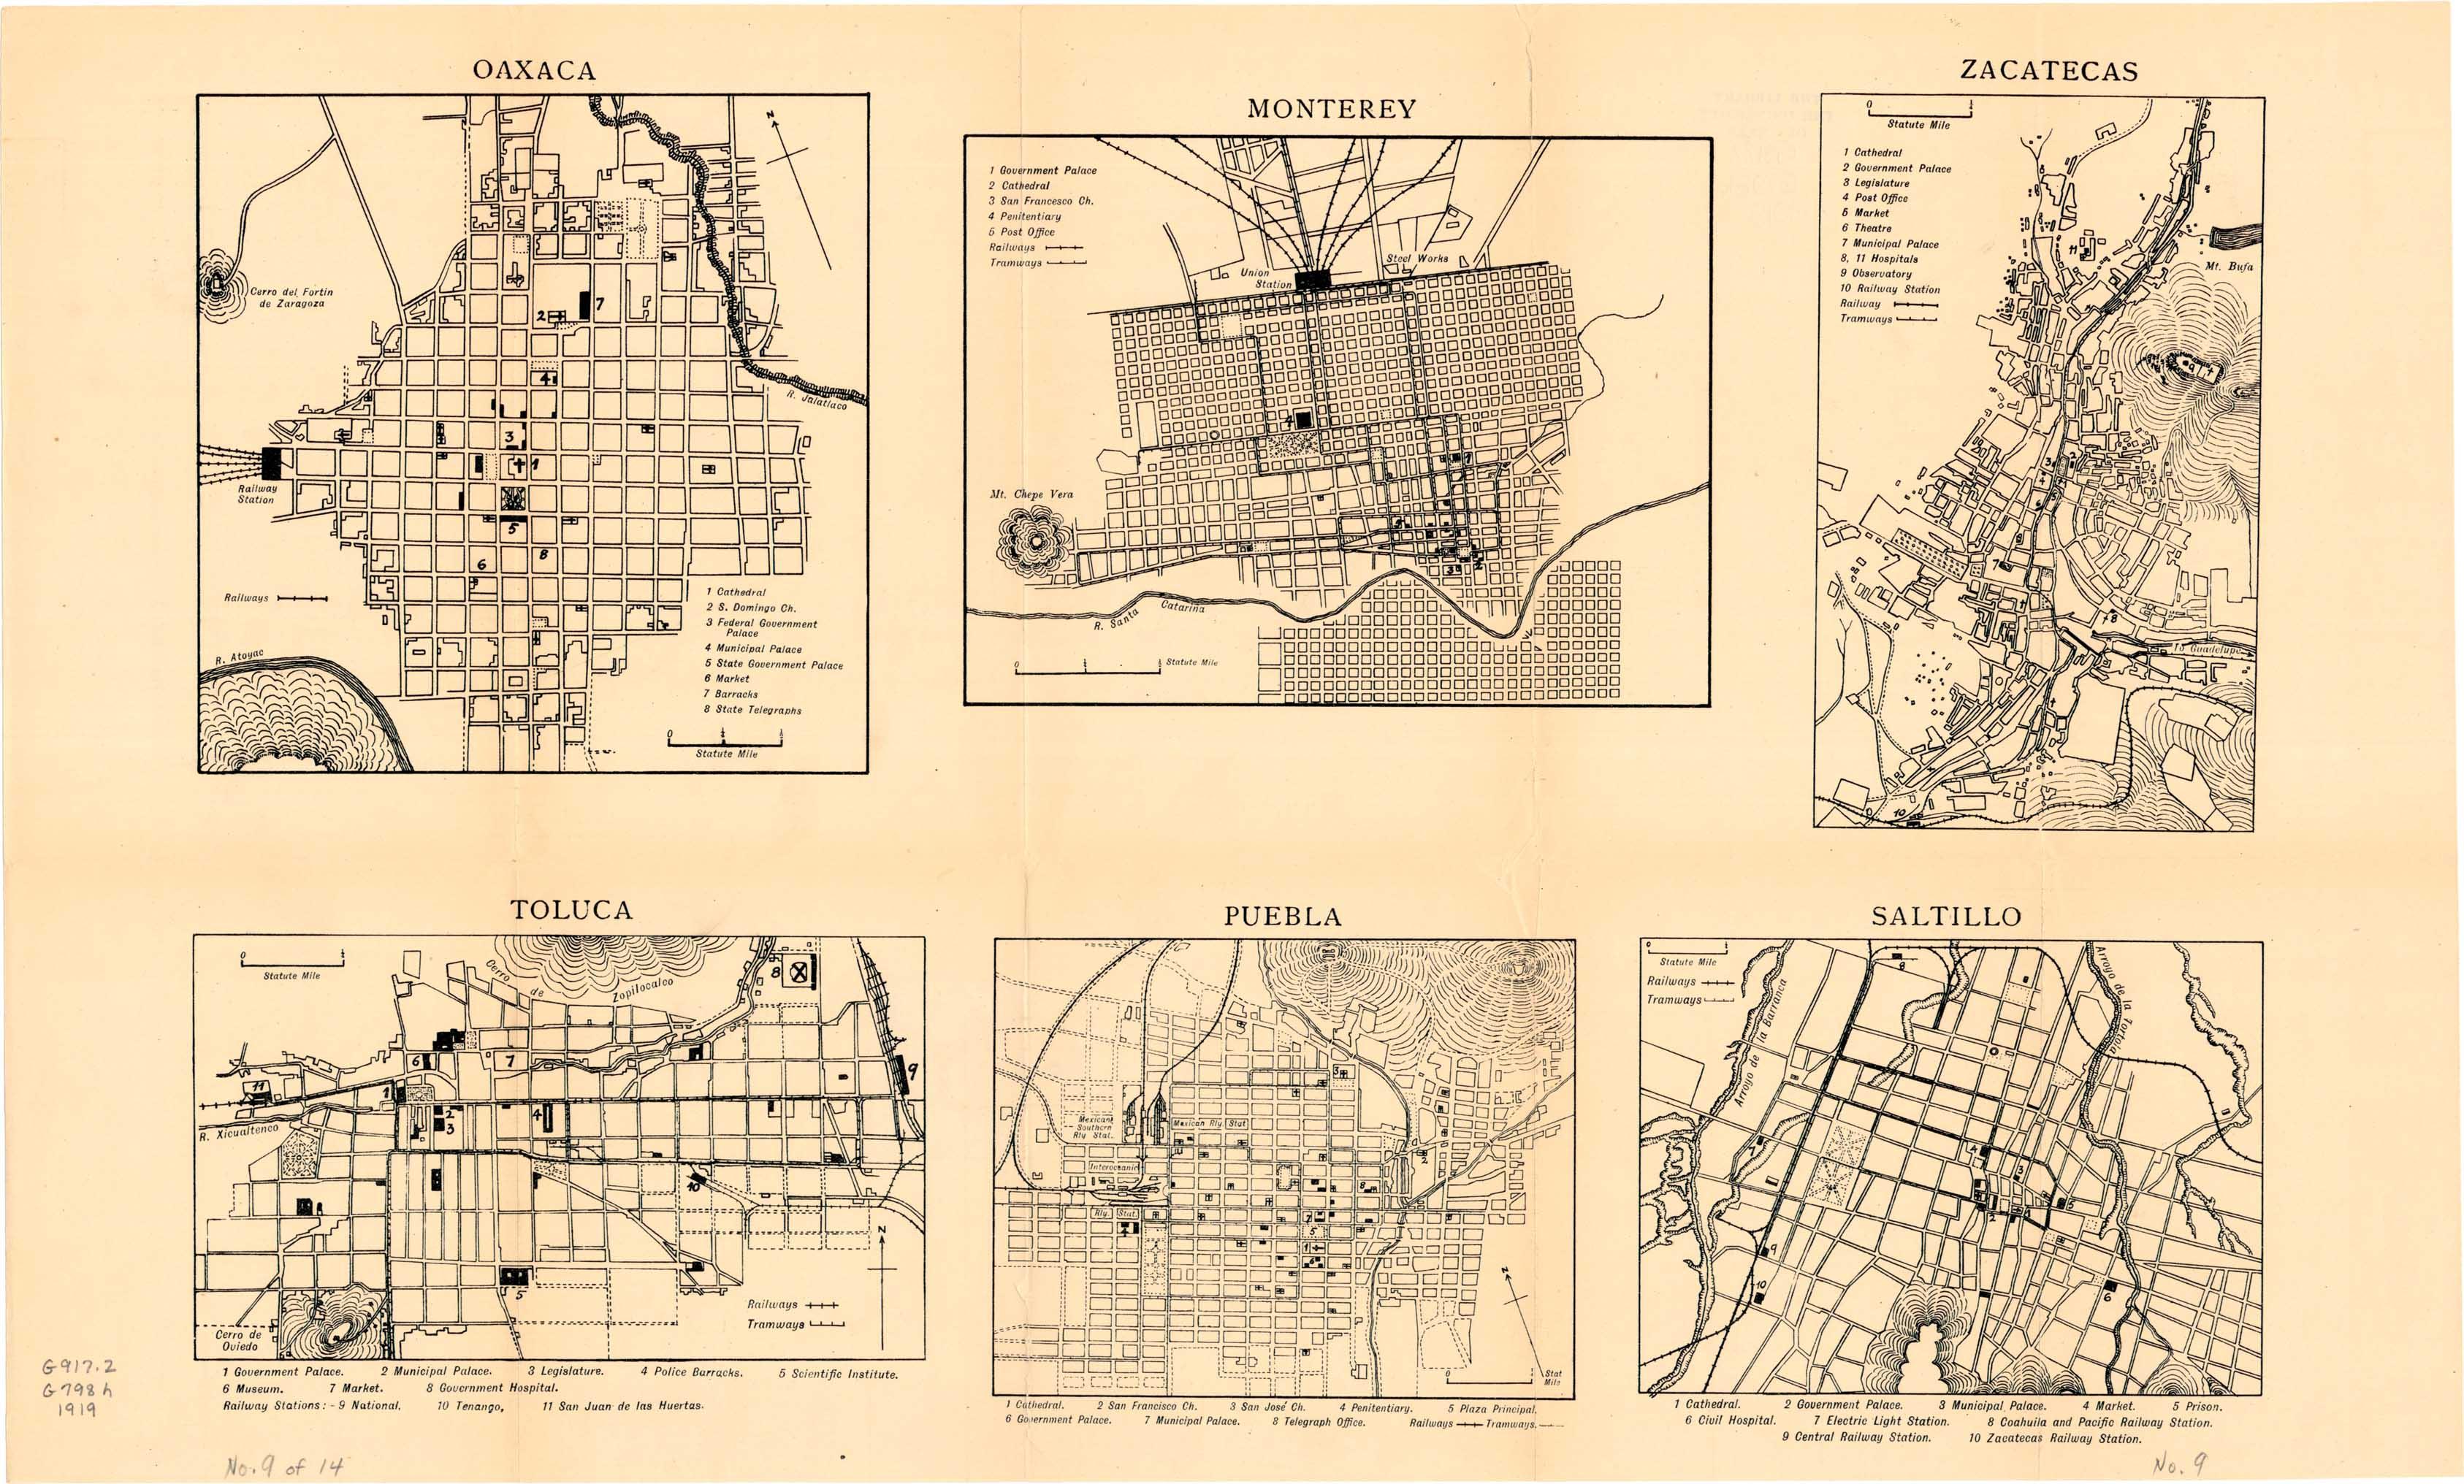 Mapa de Ciudades del Interior: Oaxaca, Monterrey, Puebla, Saltillo, Toluca, Zacatecas 1919